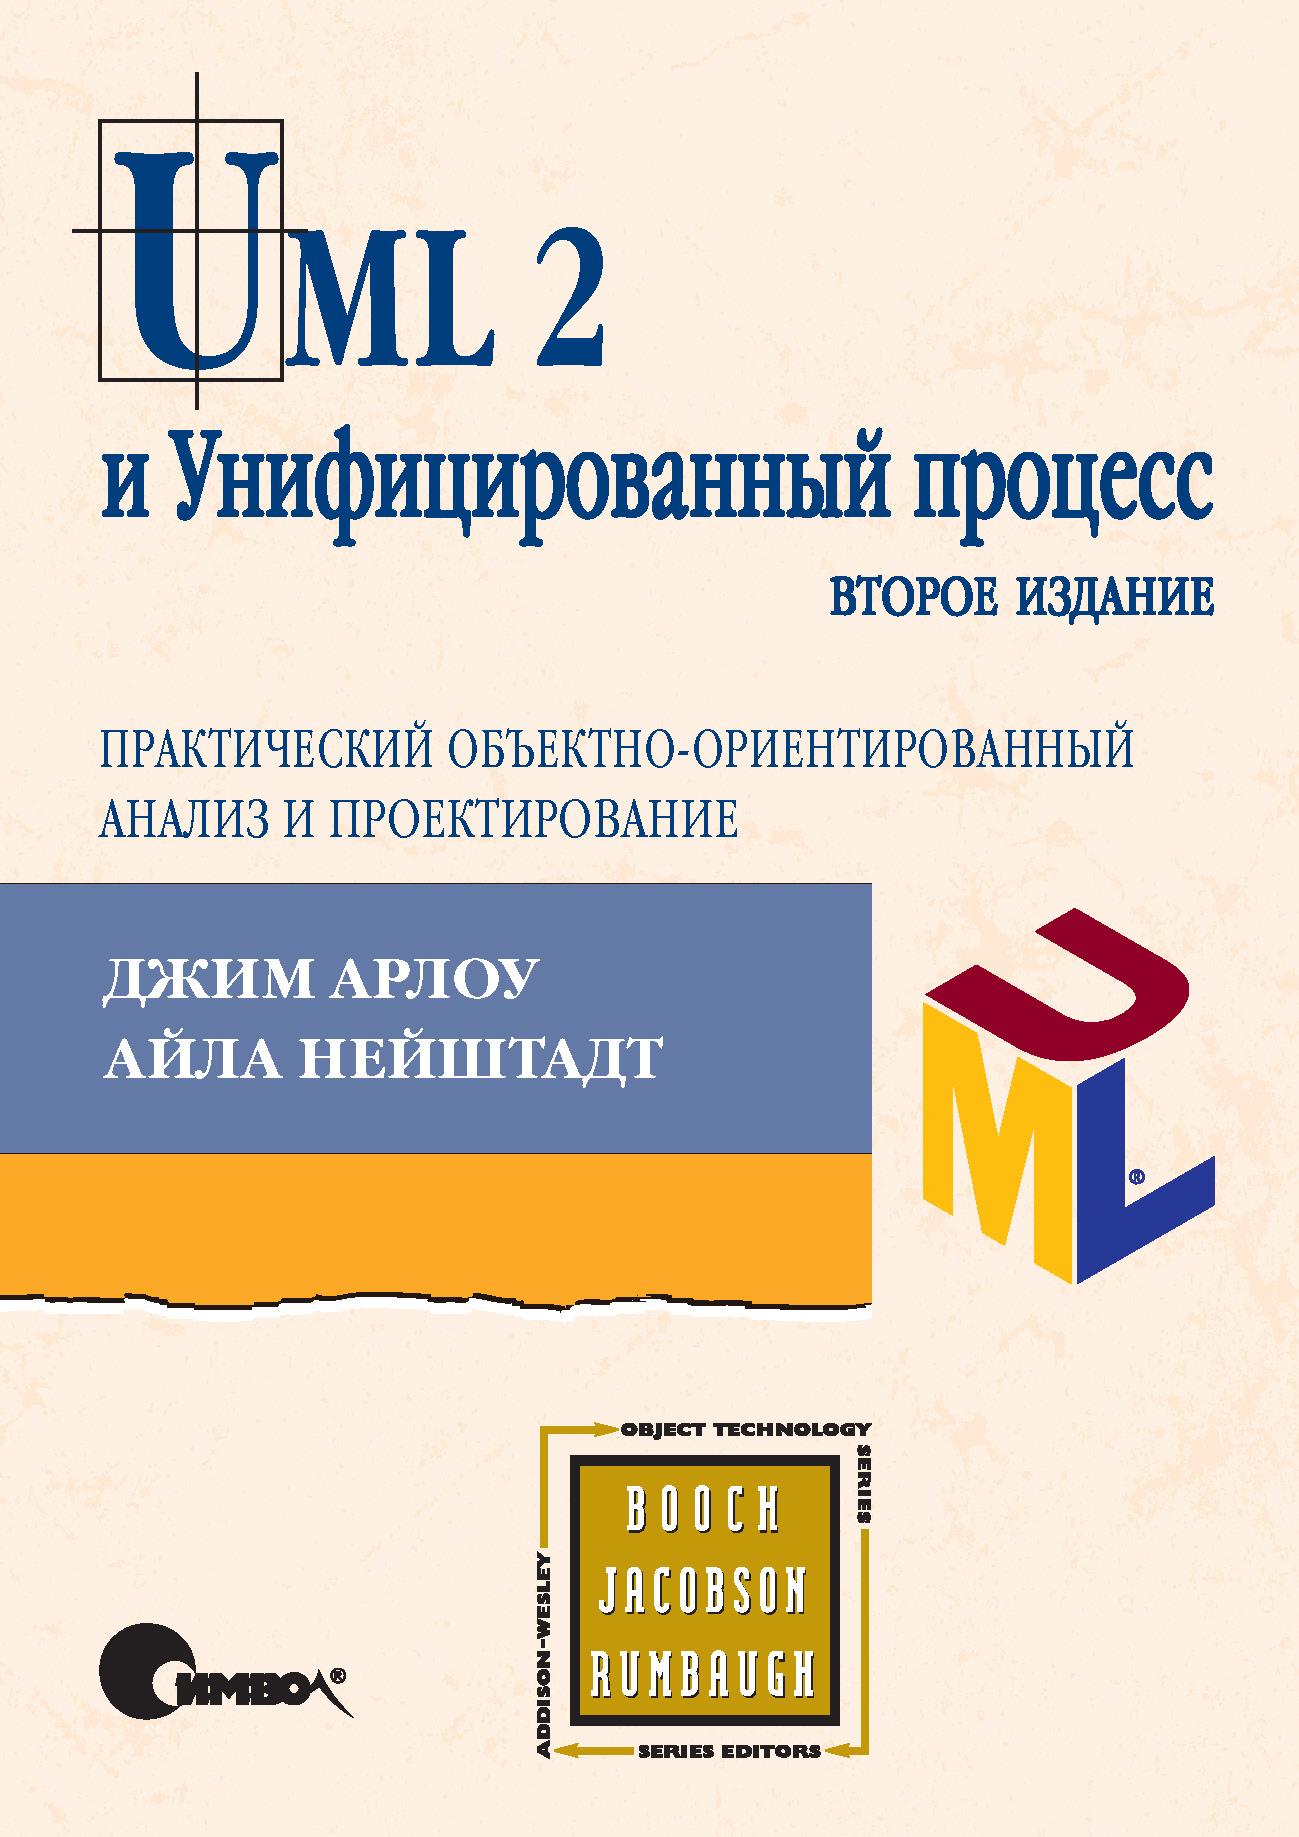 UML 2 и Унифицированный процесс, практический объектно-ориентированный анализ и проектирование. 2-е издание